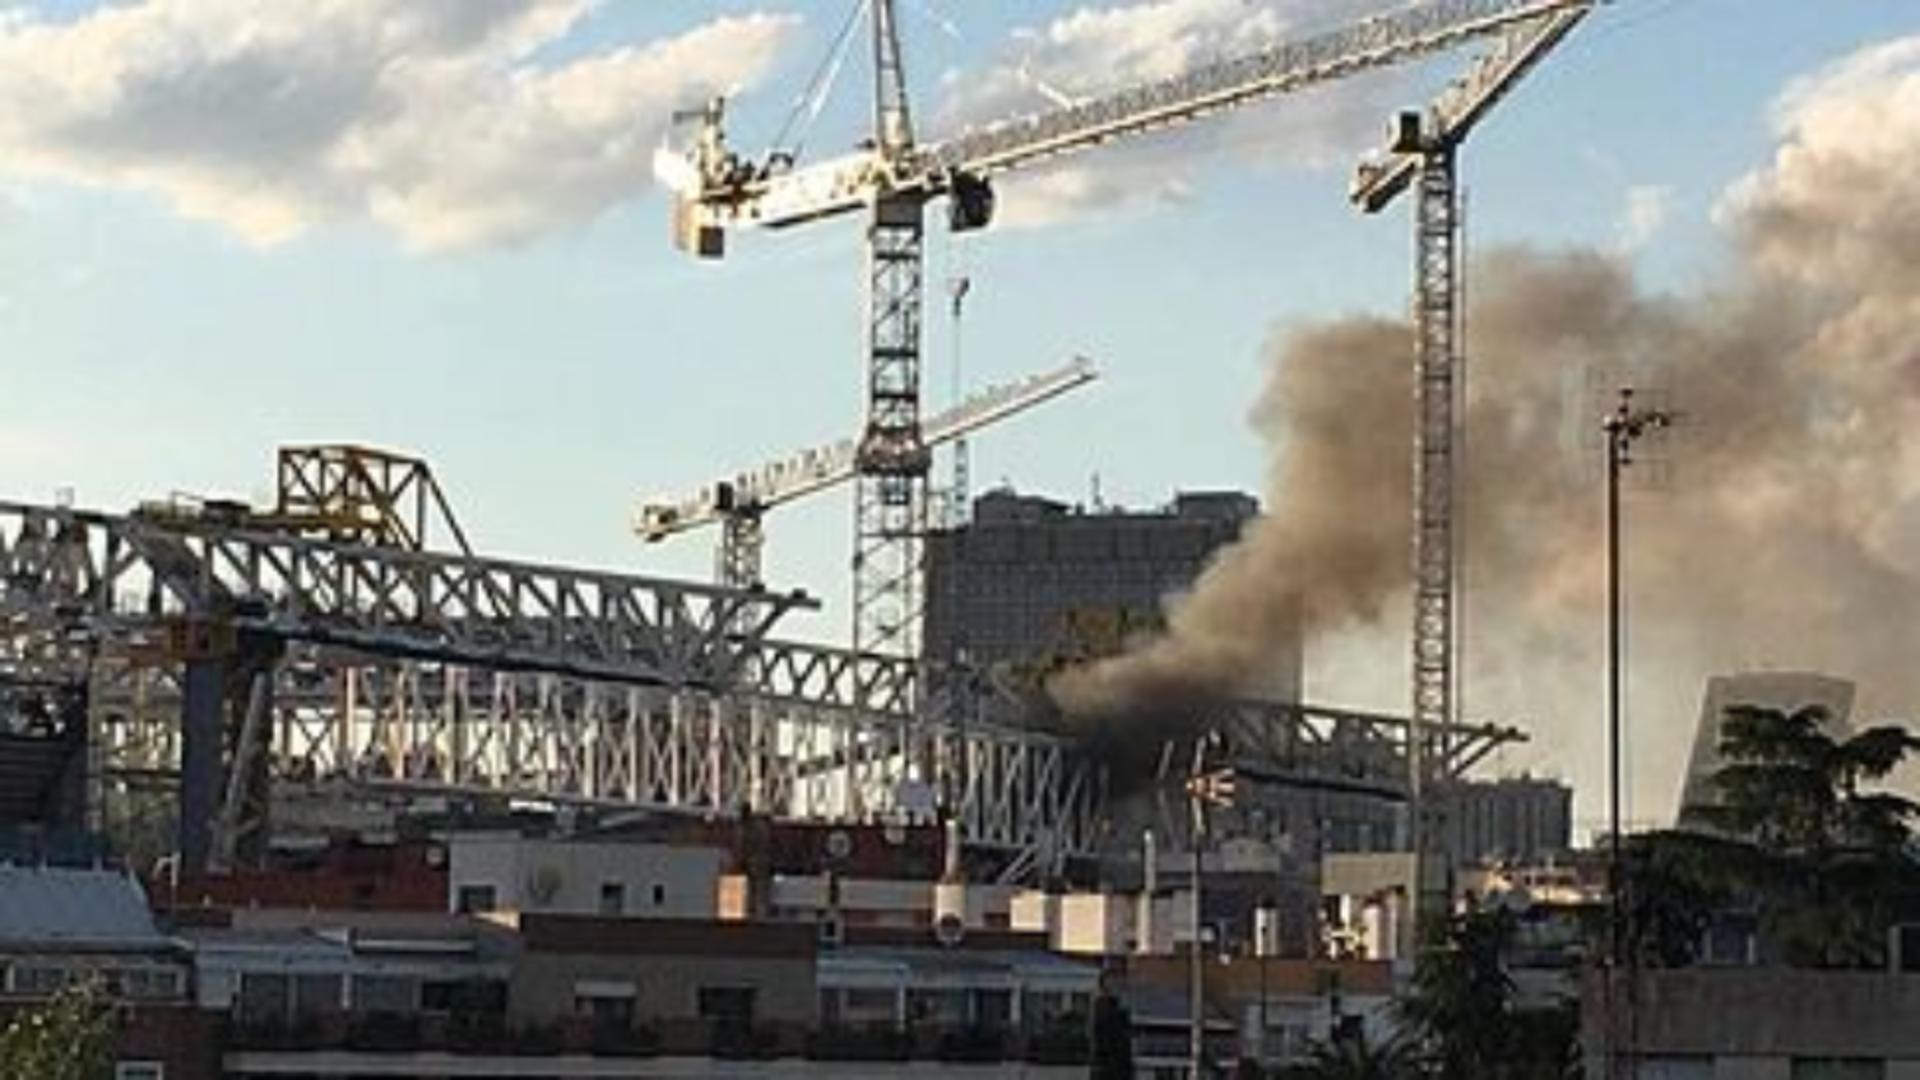 Incendiu puternic în capitala Spaniei - Stadionul pe care joacă Real Madrid, în flăcări Foto: Twitter.com